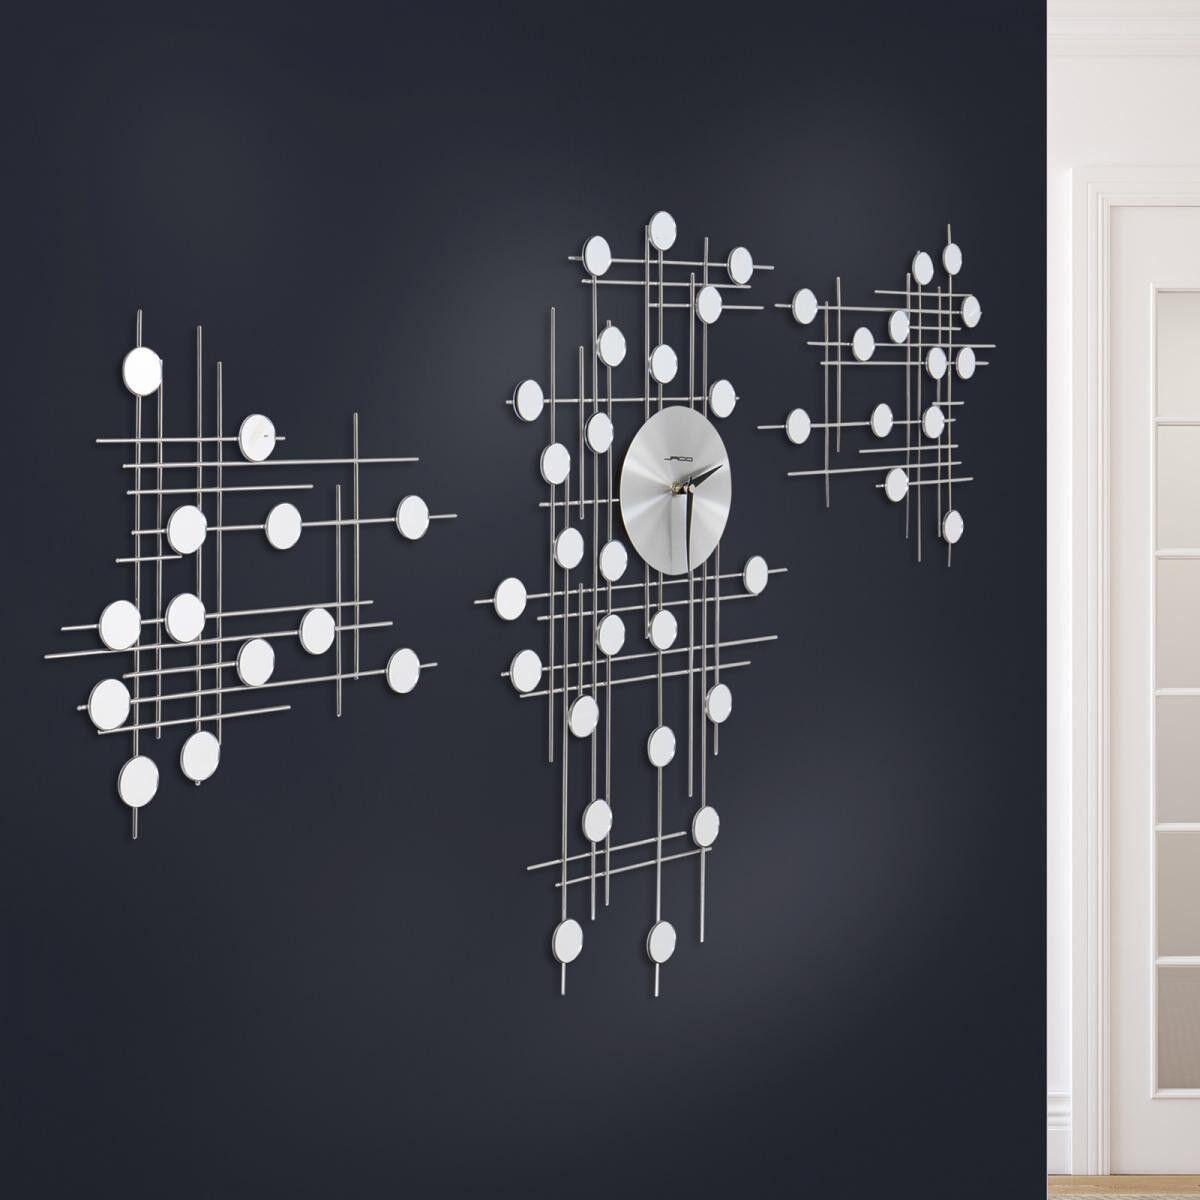 Stylishe Wanduhr 3-teilig im futuristischen Design mit kleinen Spiegeln